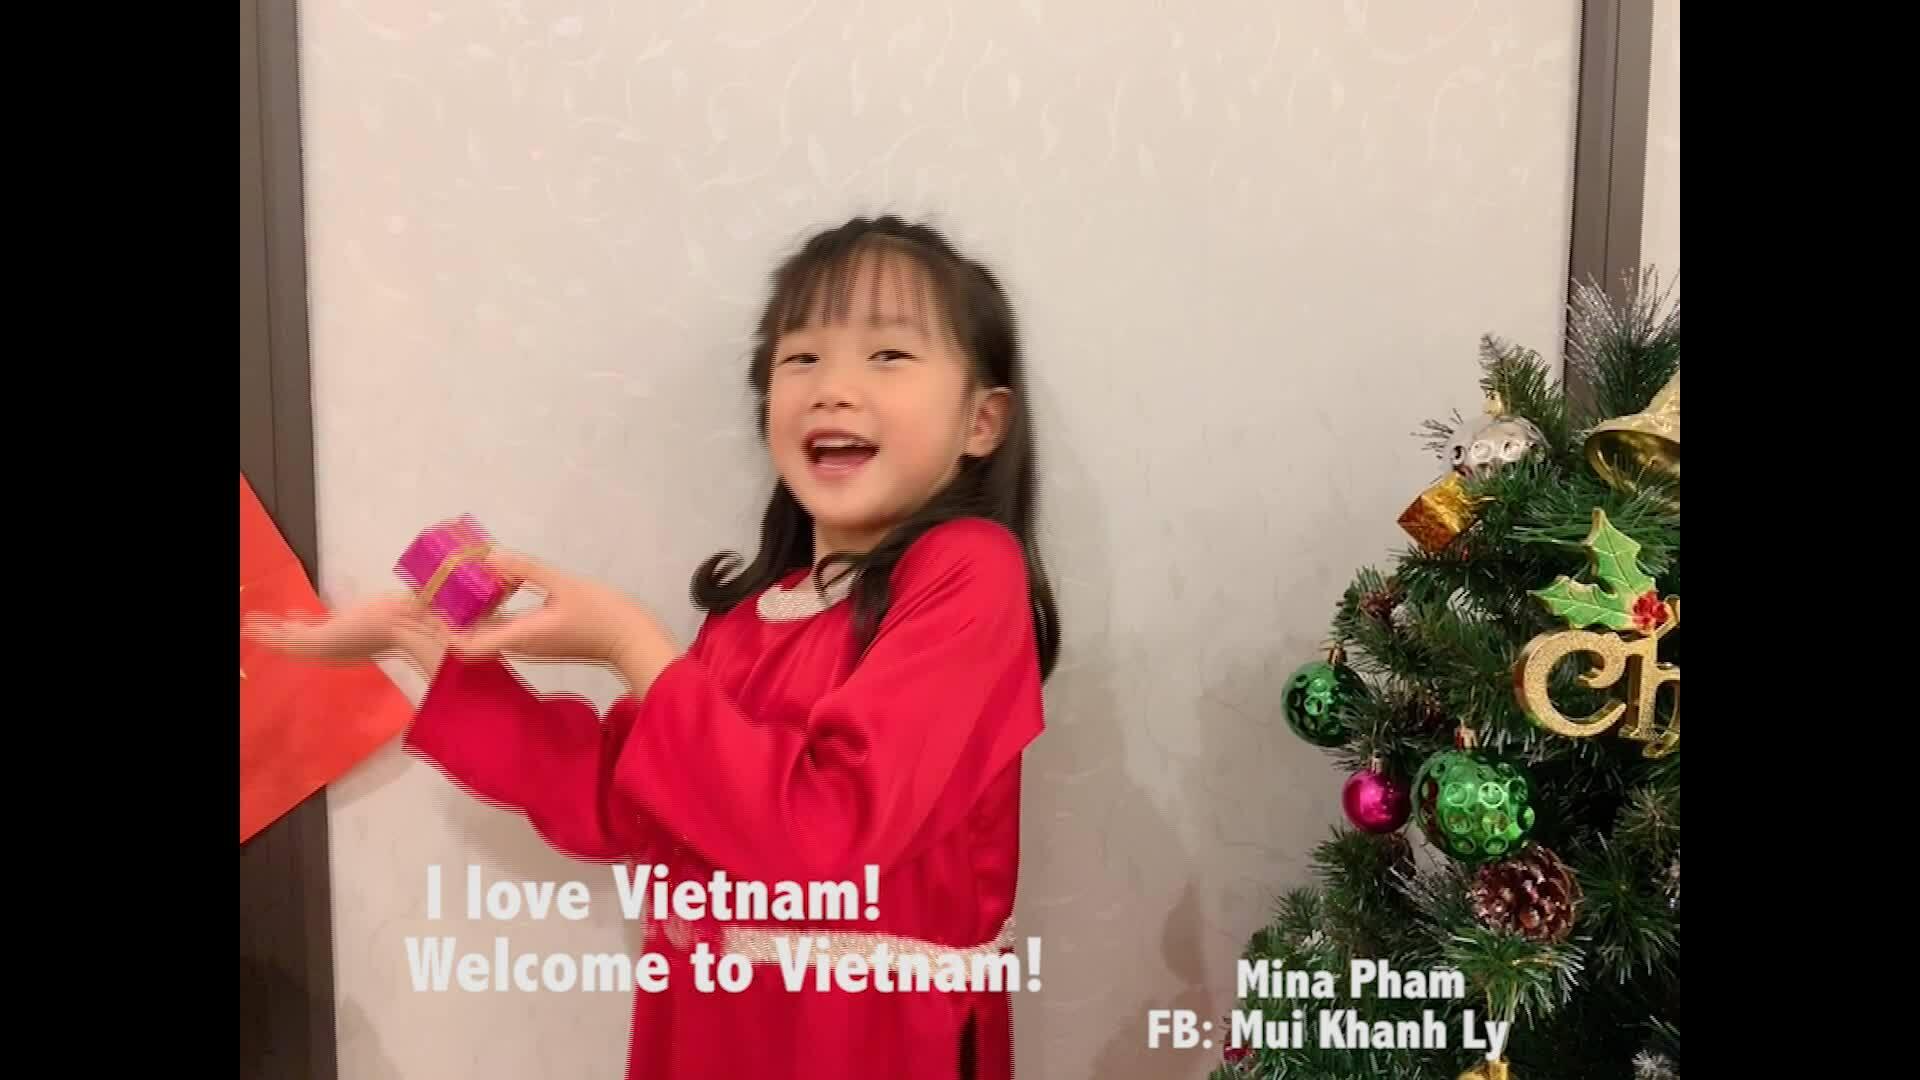 Con gái 6 tuổi của Mùi Khánh Ly chúc Tết bằng 21 ngôn ngữ